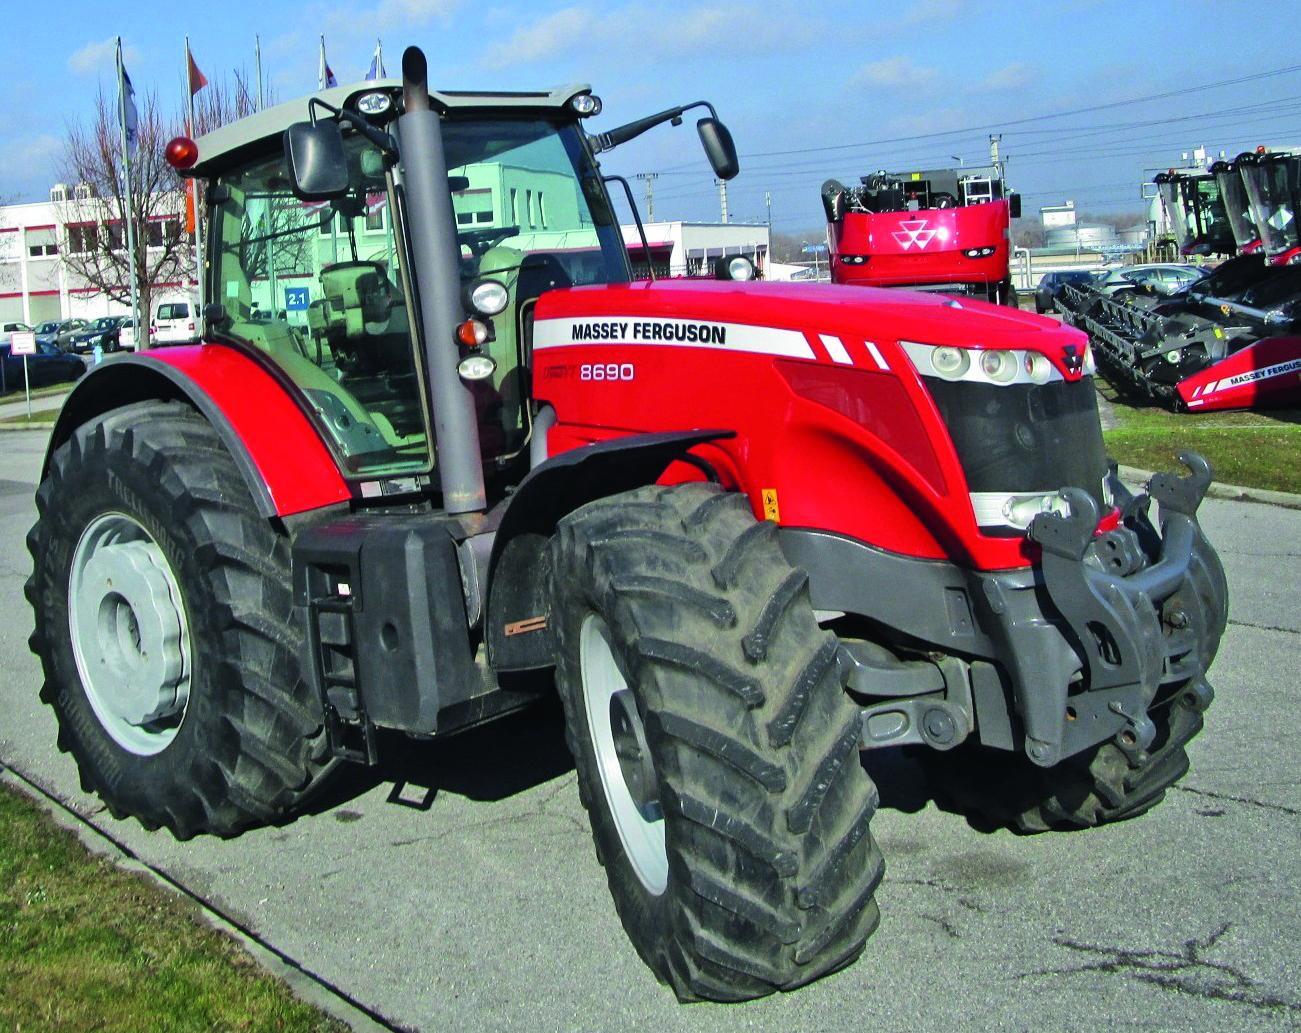 8690 traktor